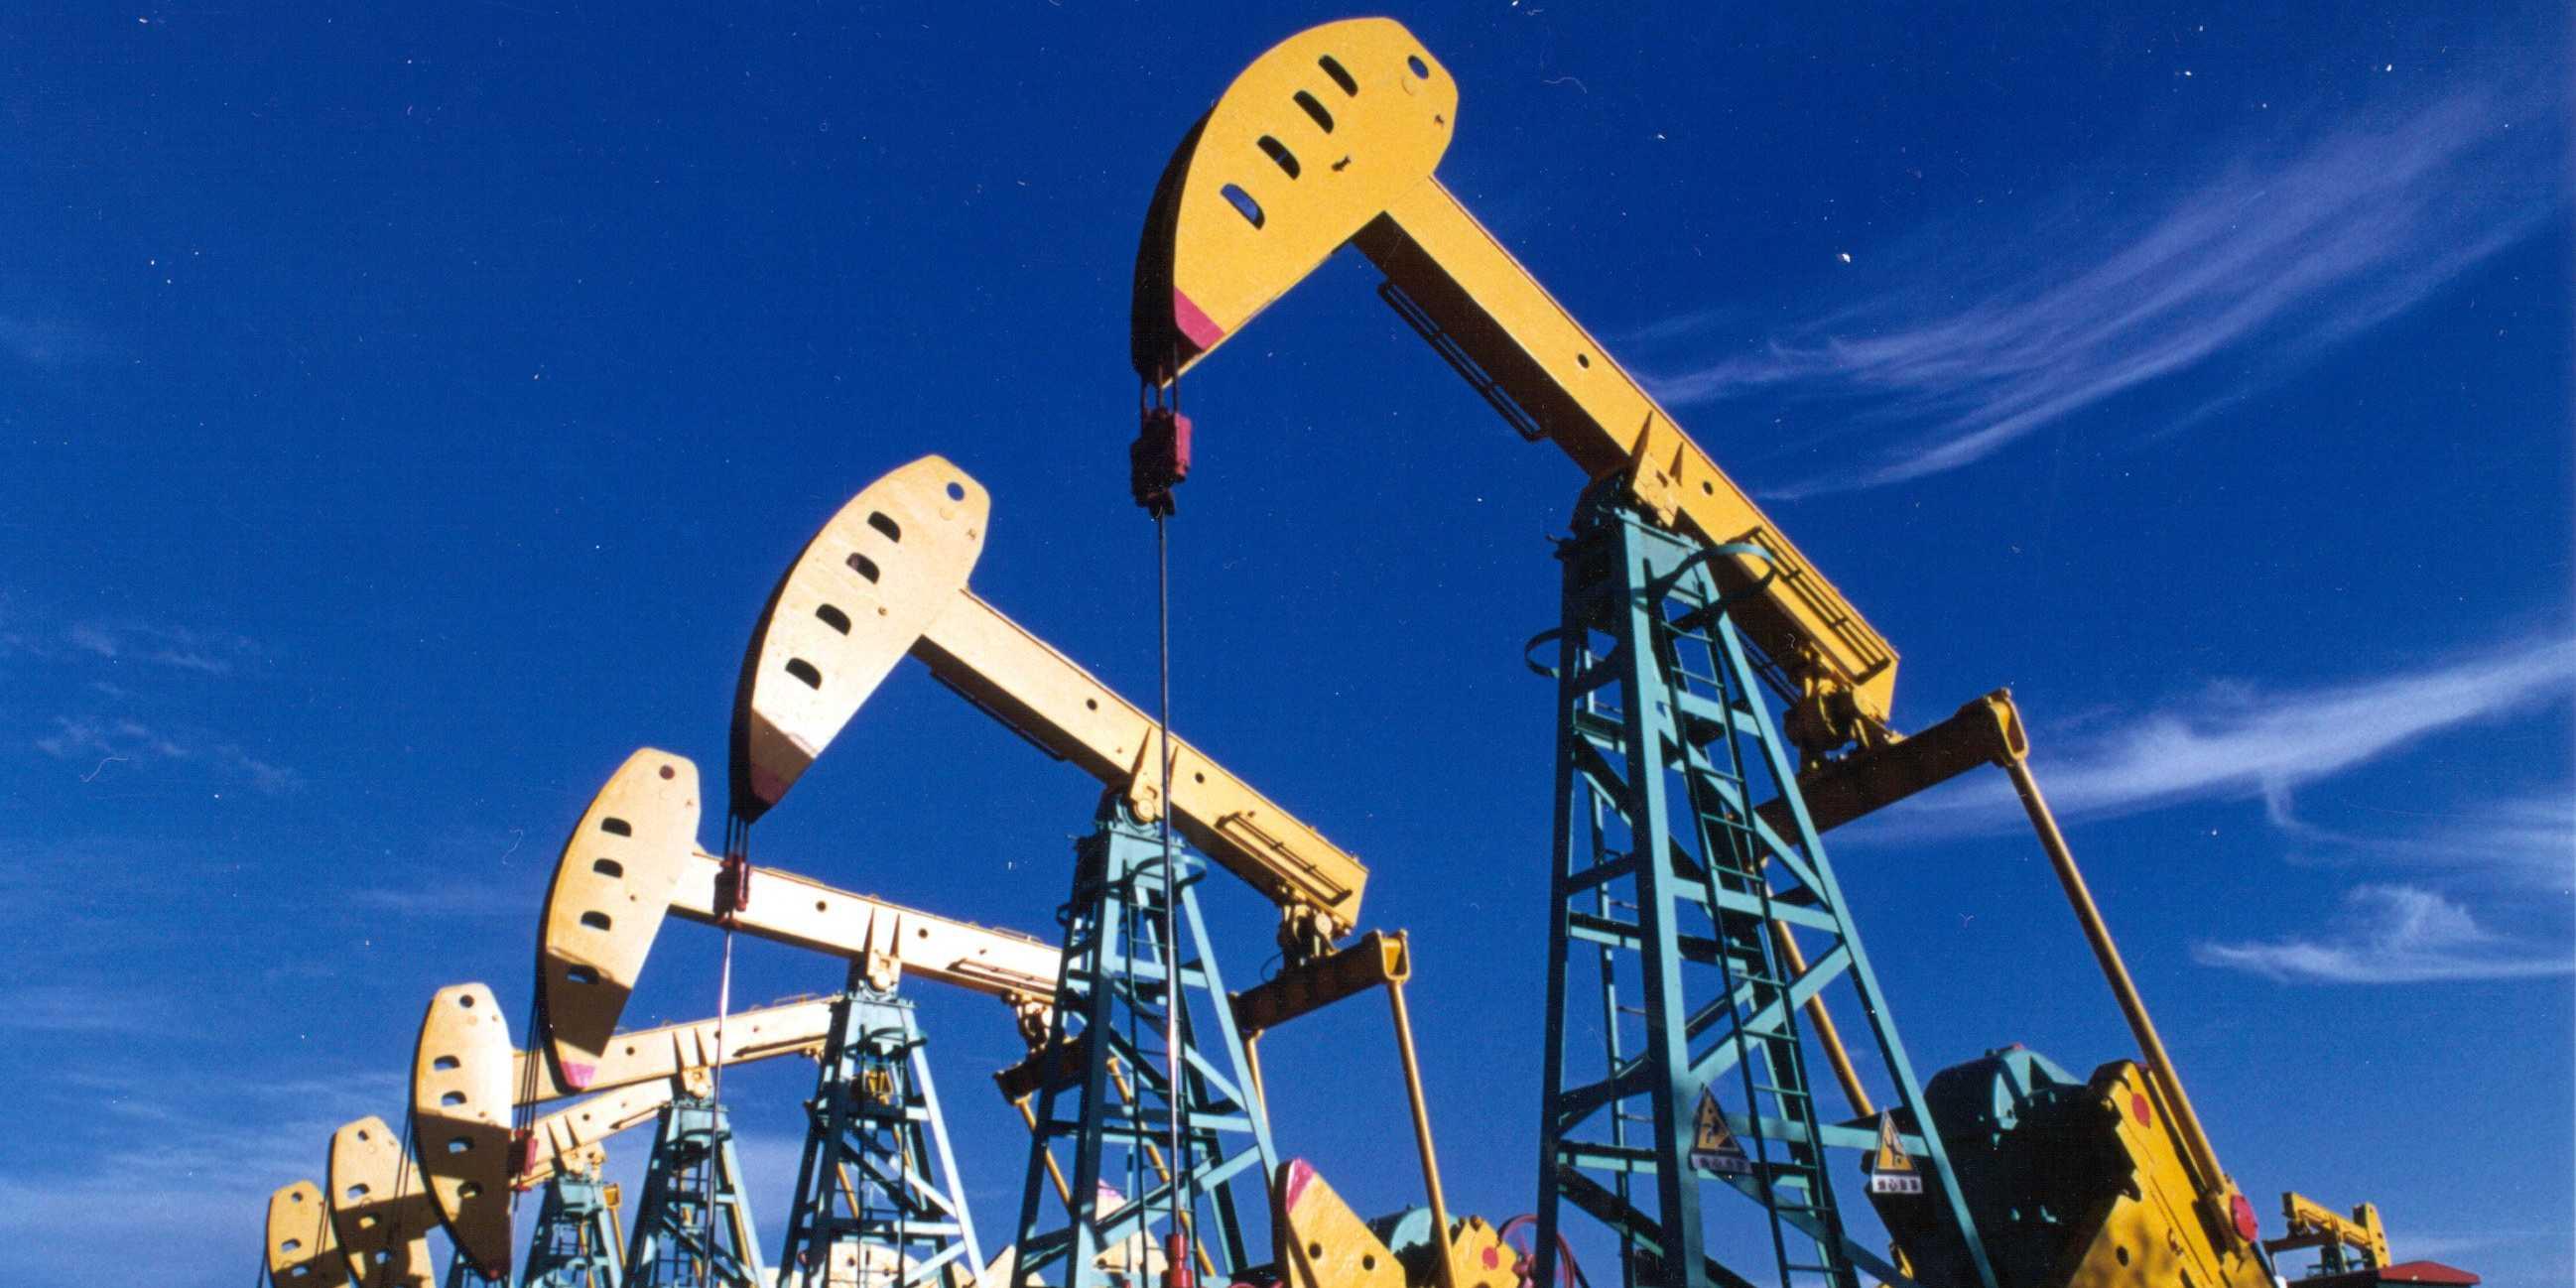 контрагента купить месторождение нефти 2016 выполняет